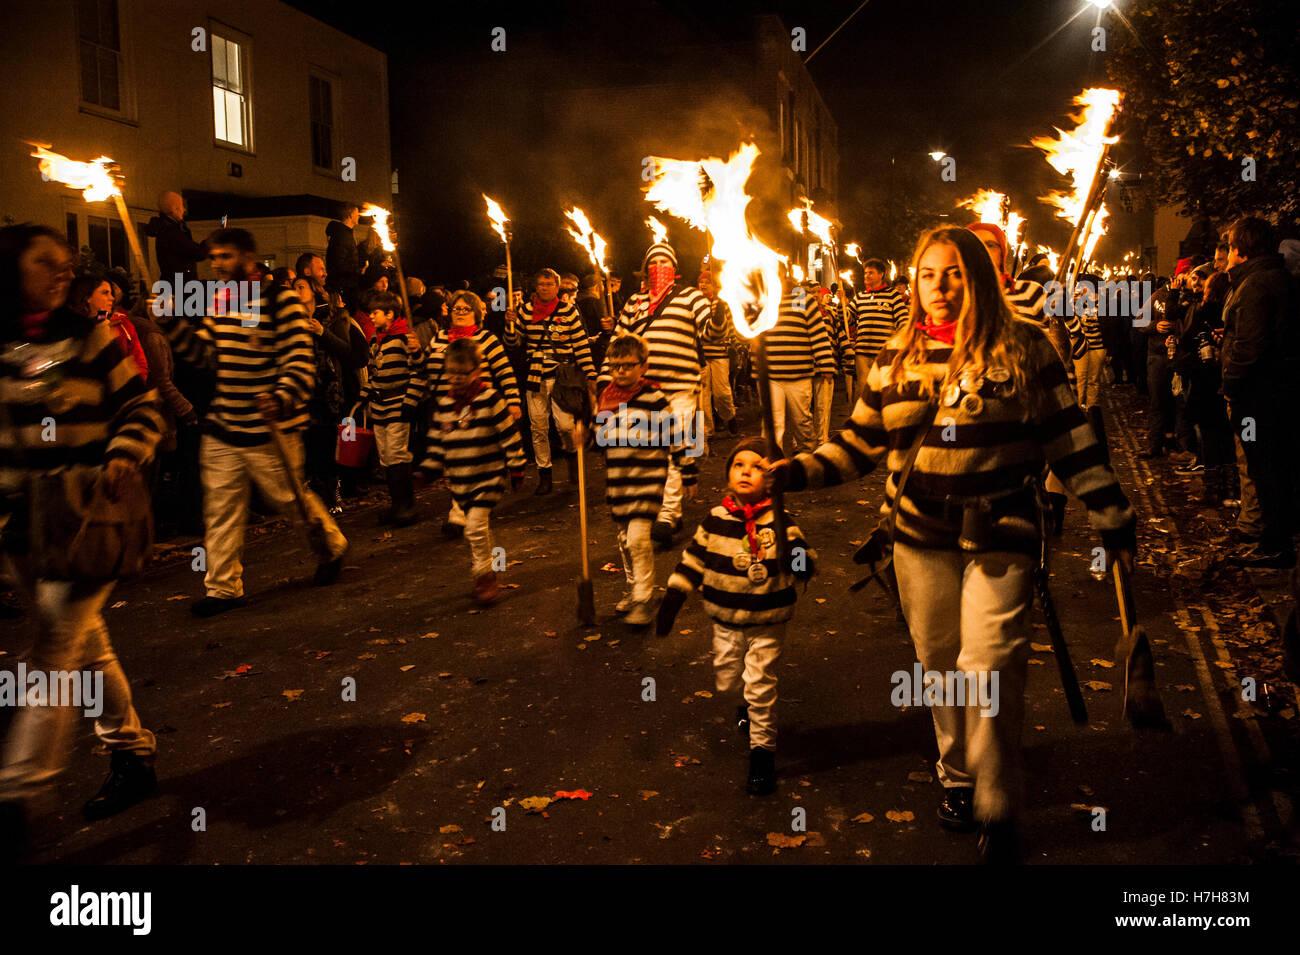 Lewes, Reino Unido. El 05 de noviembre de 2016. lewes fogata noche celebraciones. El 05 de noviembre las celebraciones Imagen De Stock